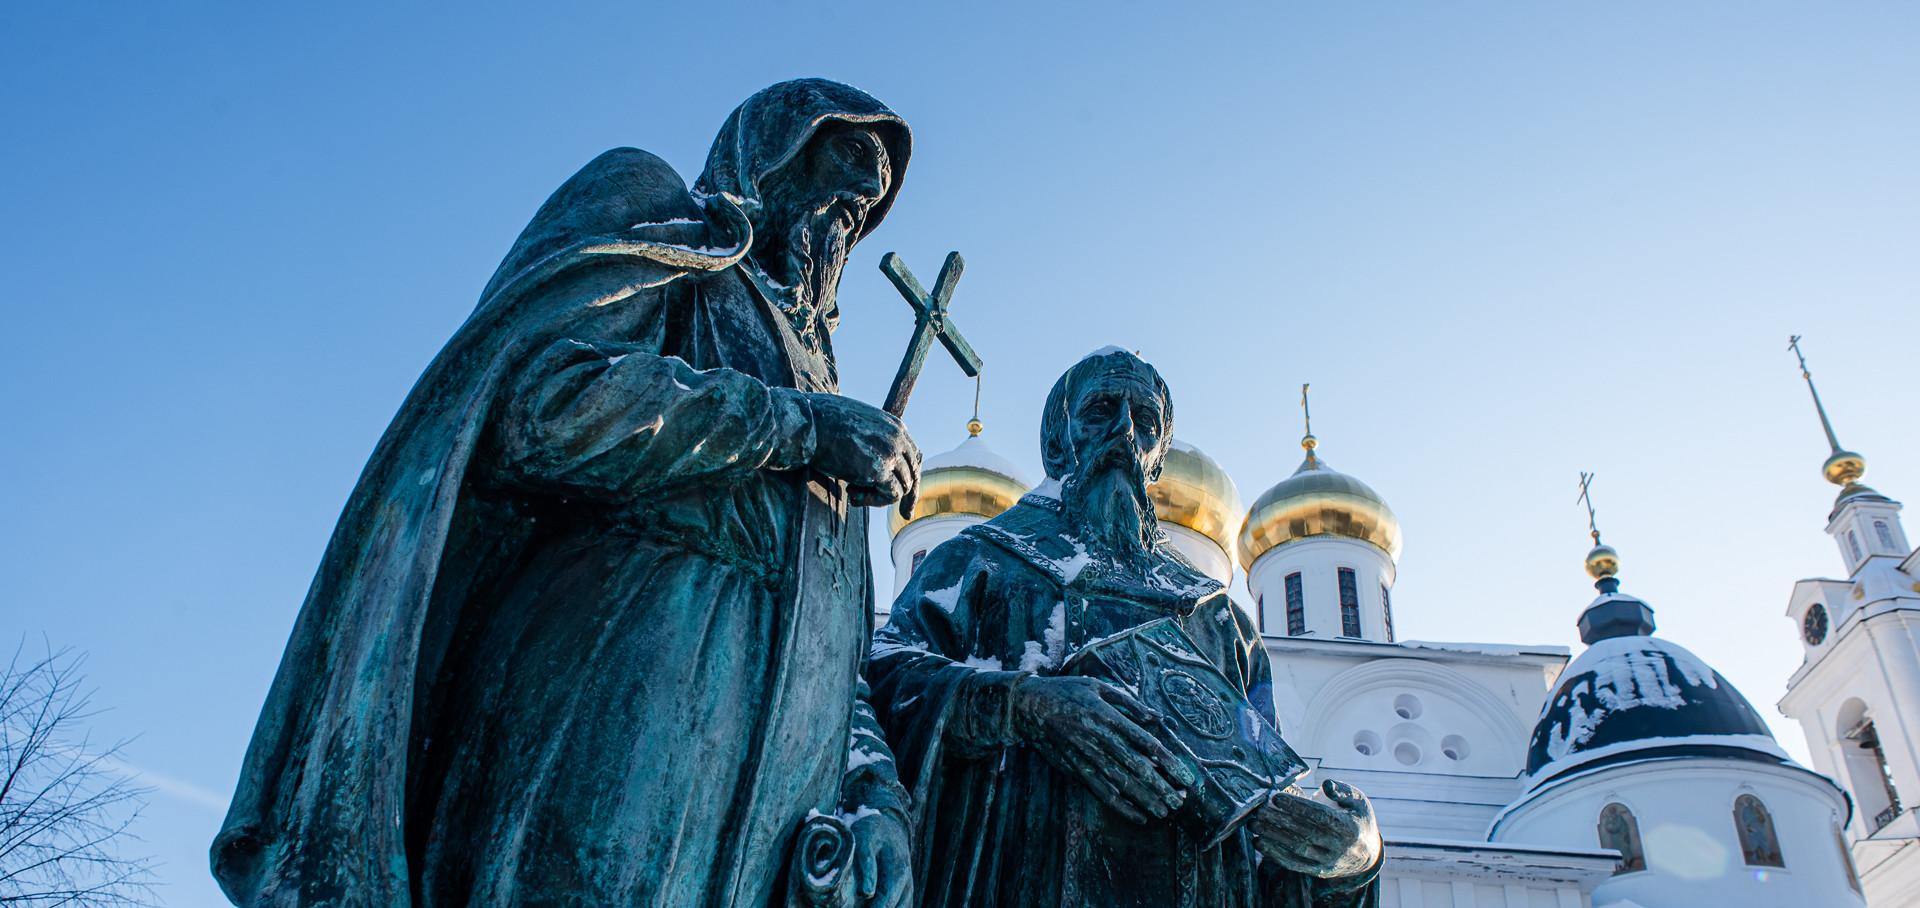 Дмитров, Успенский Кафедральный собор, памятник Кириллу и Мефодию